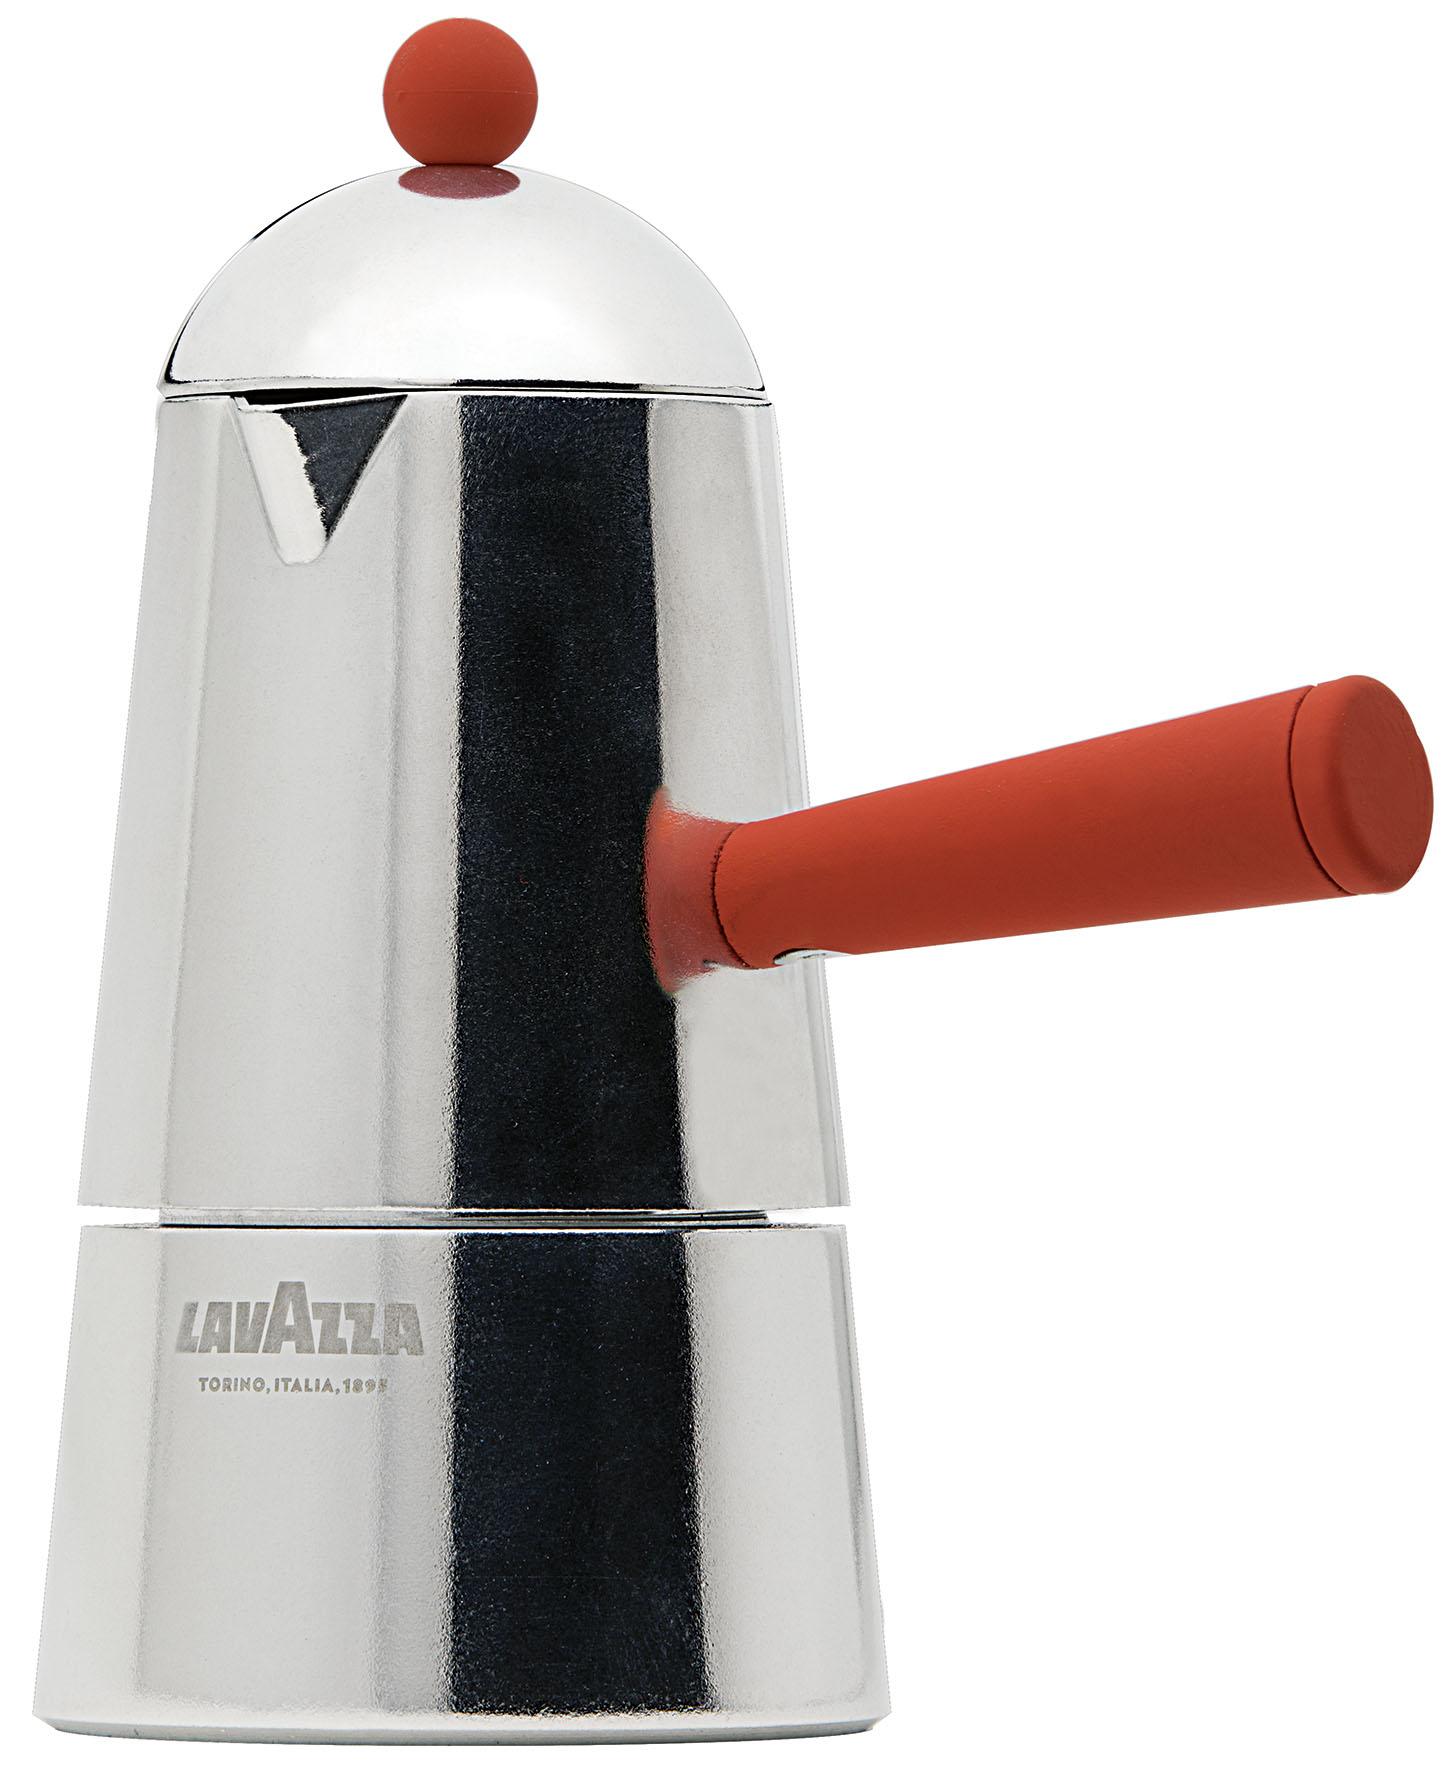 CAFFETT CARMENCITA POP TZ1 ROS